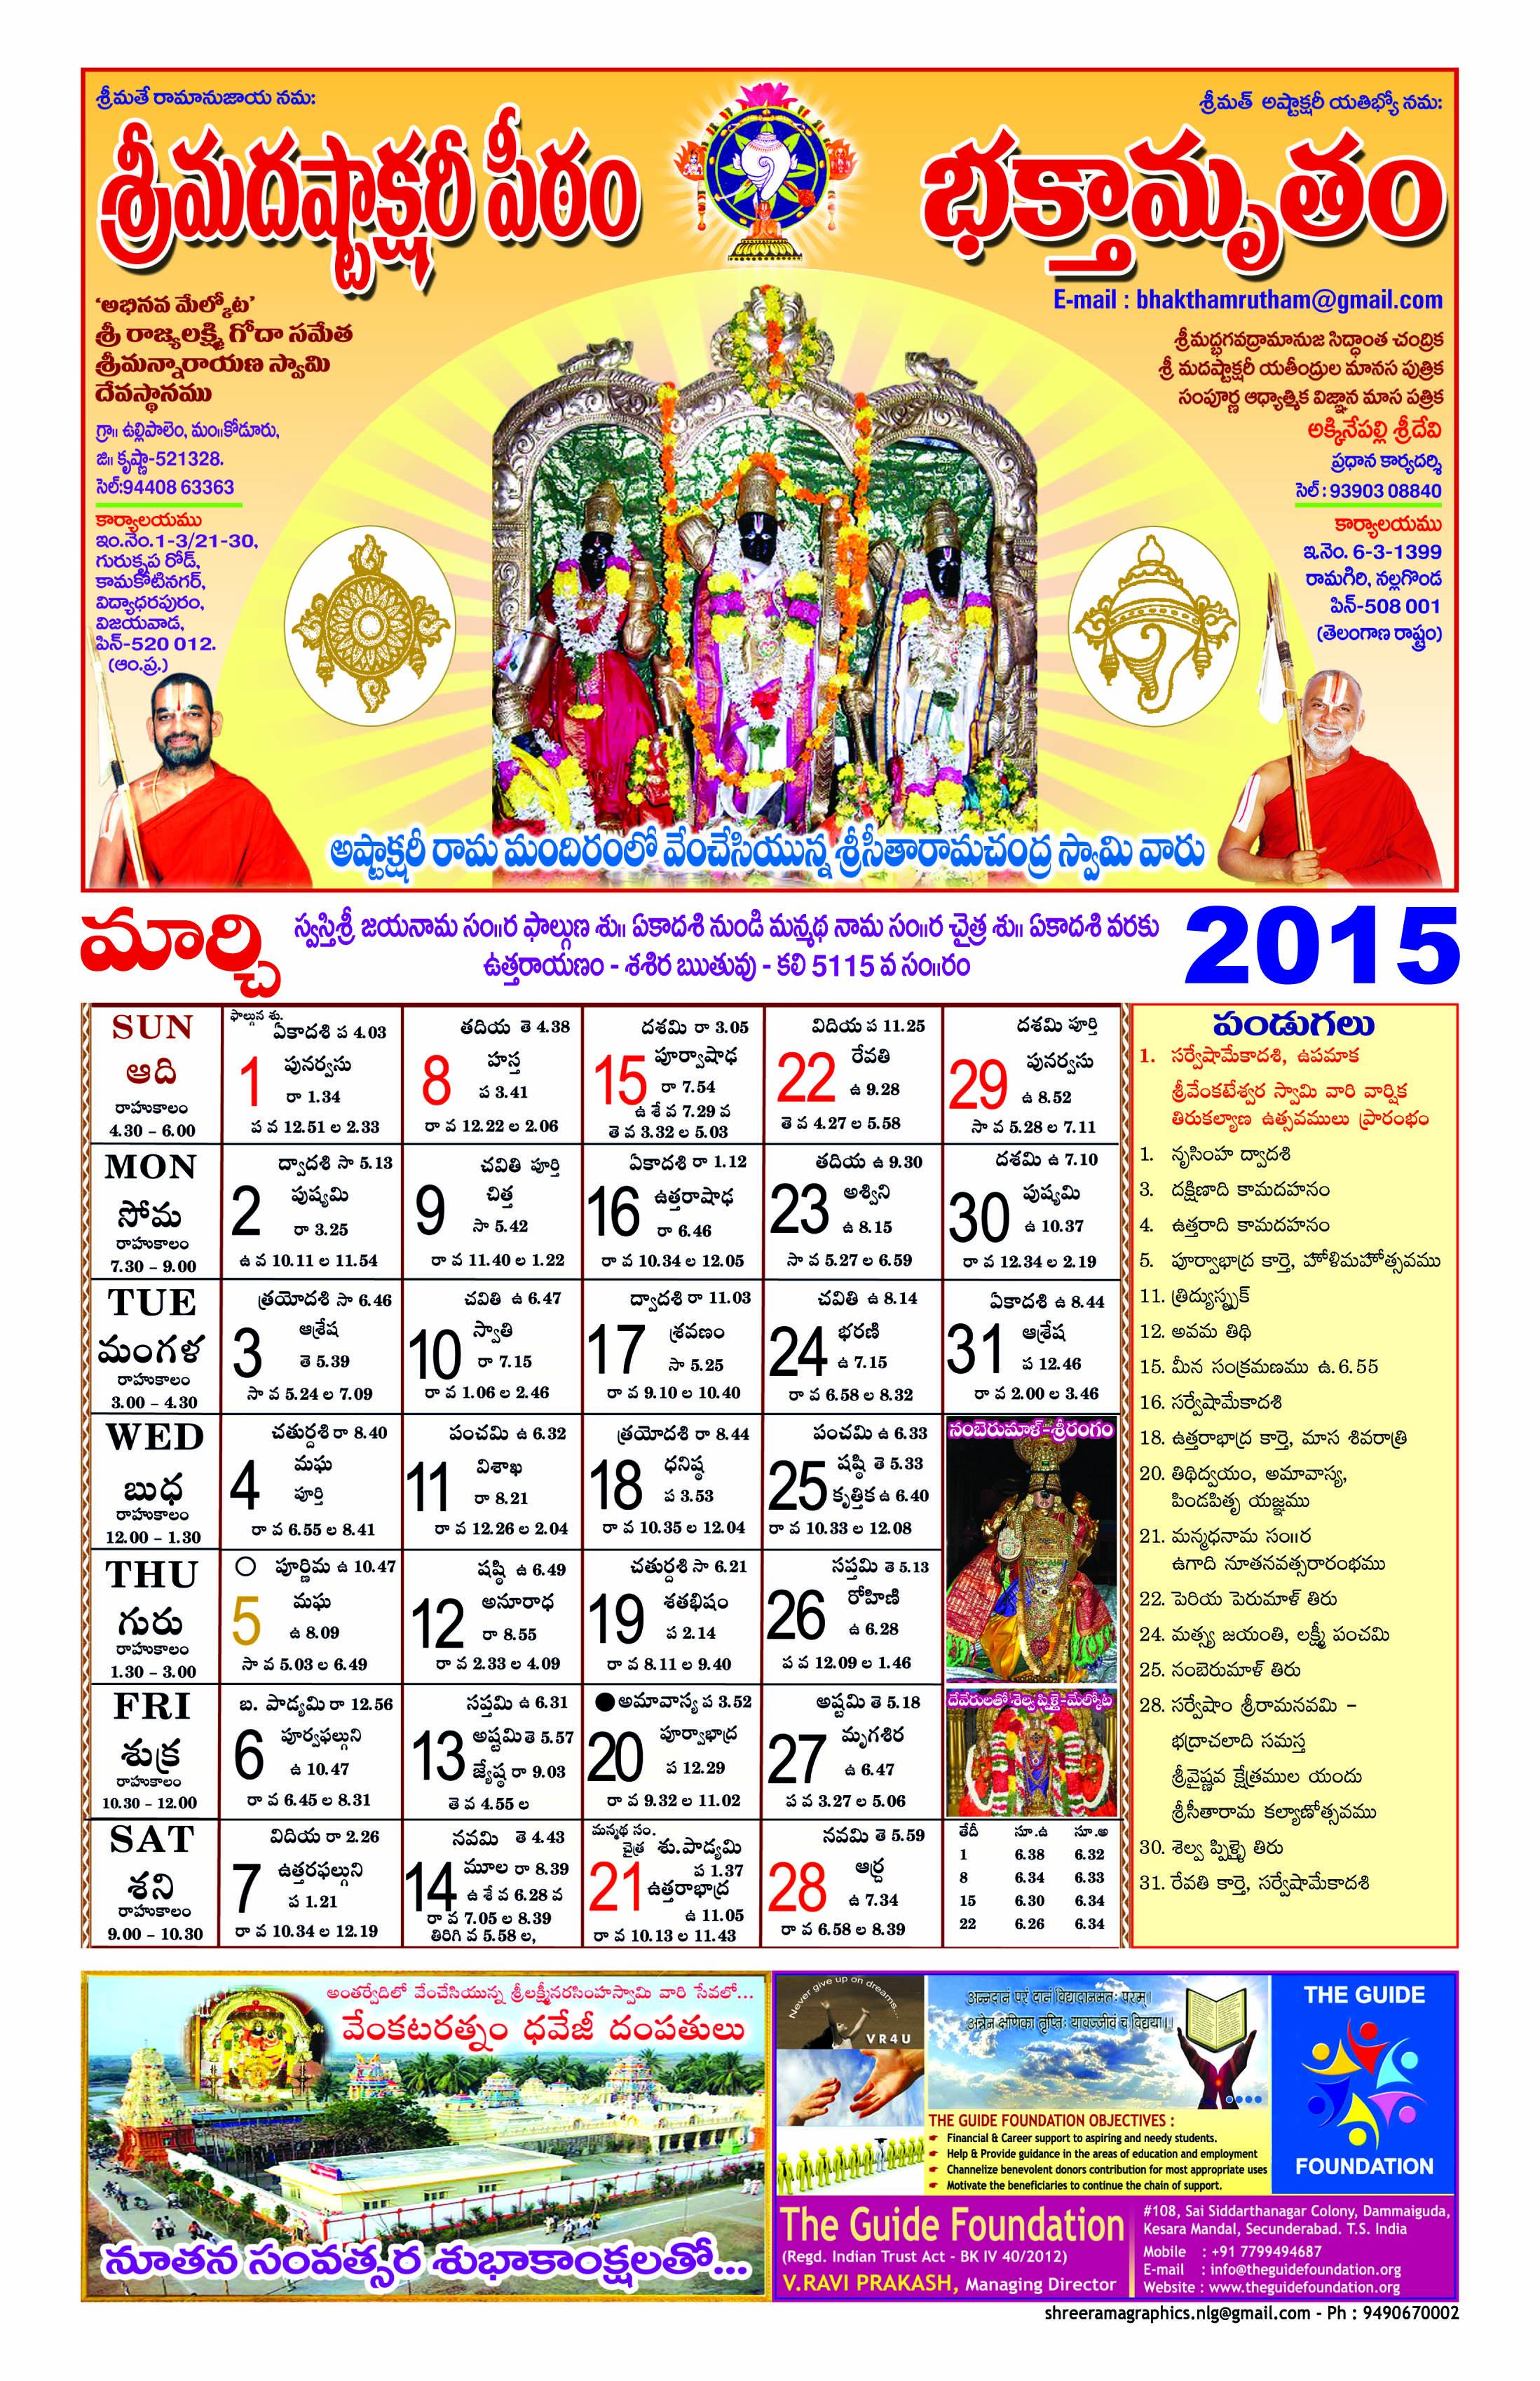 2015 Telugu Calendar With Pandugalu | Search Results | Calendar 2015 ...